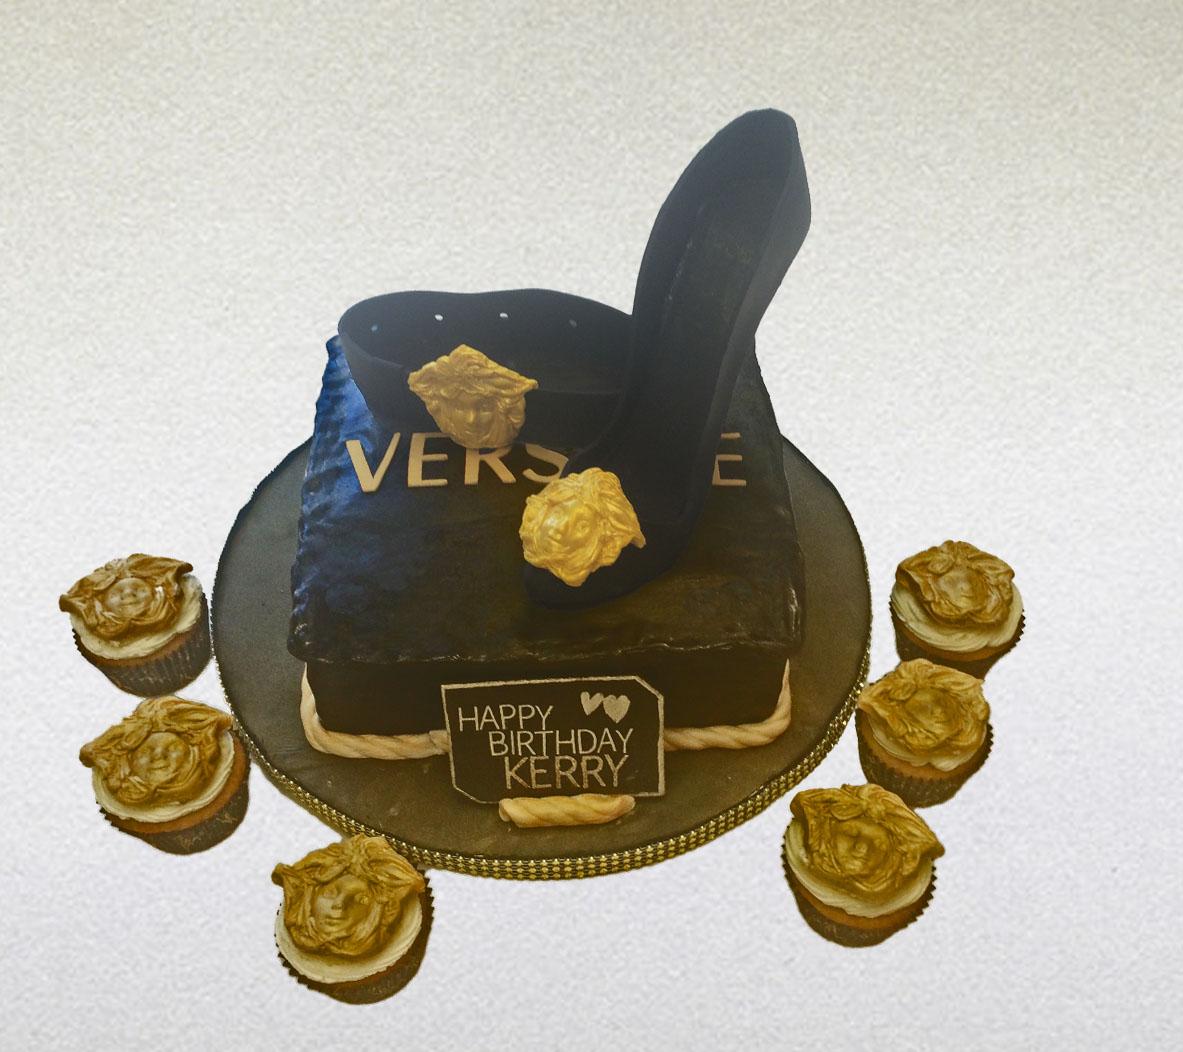 Versa22 Maddies Cakes